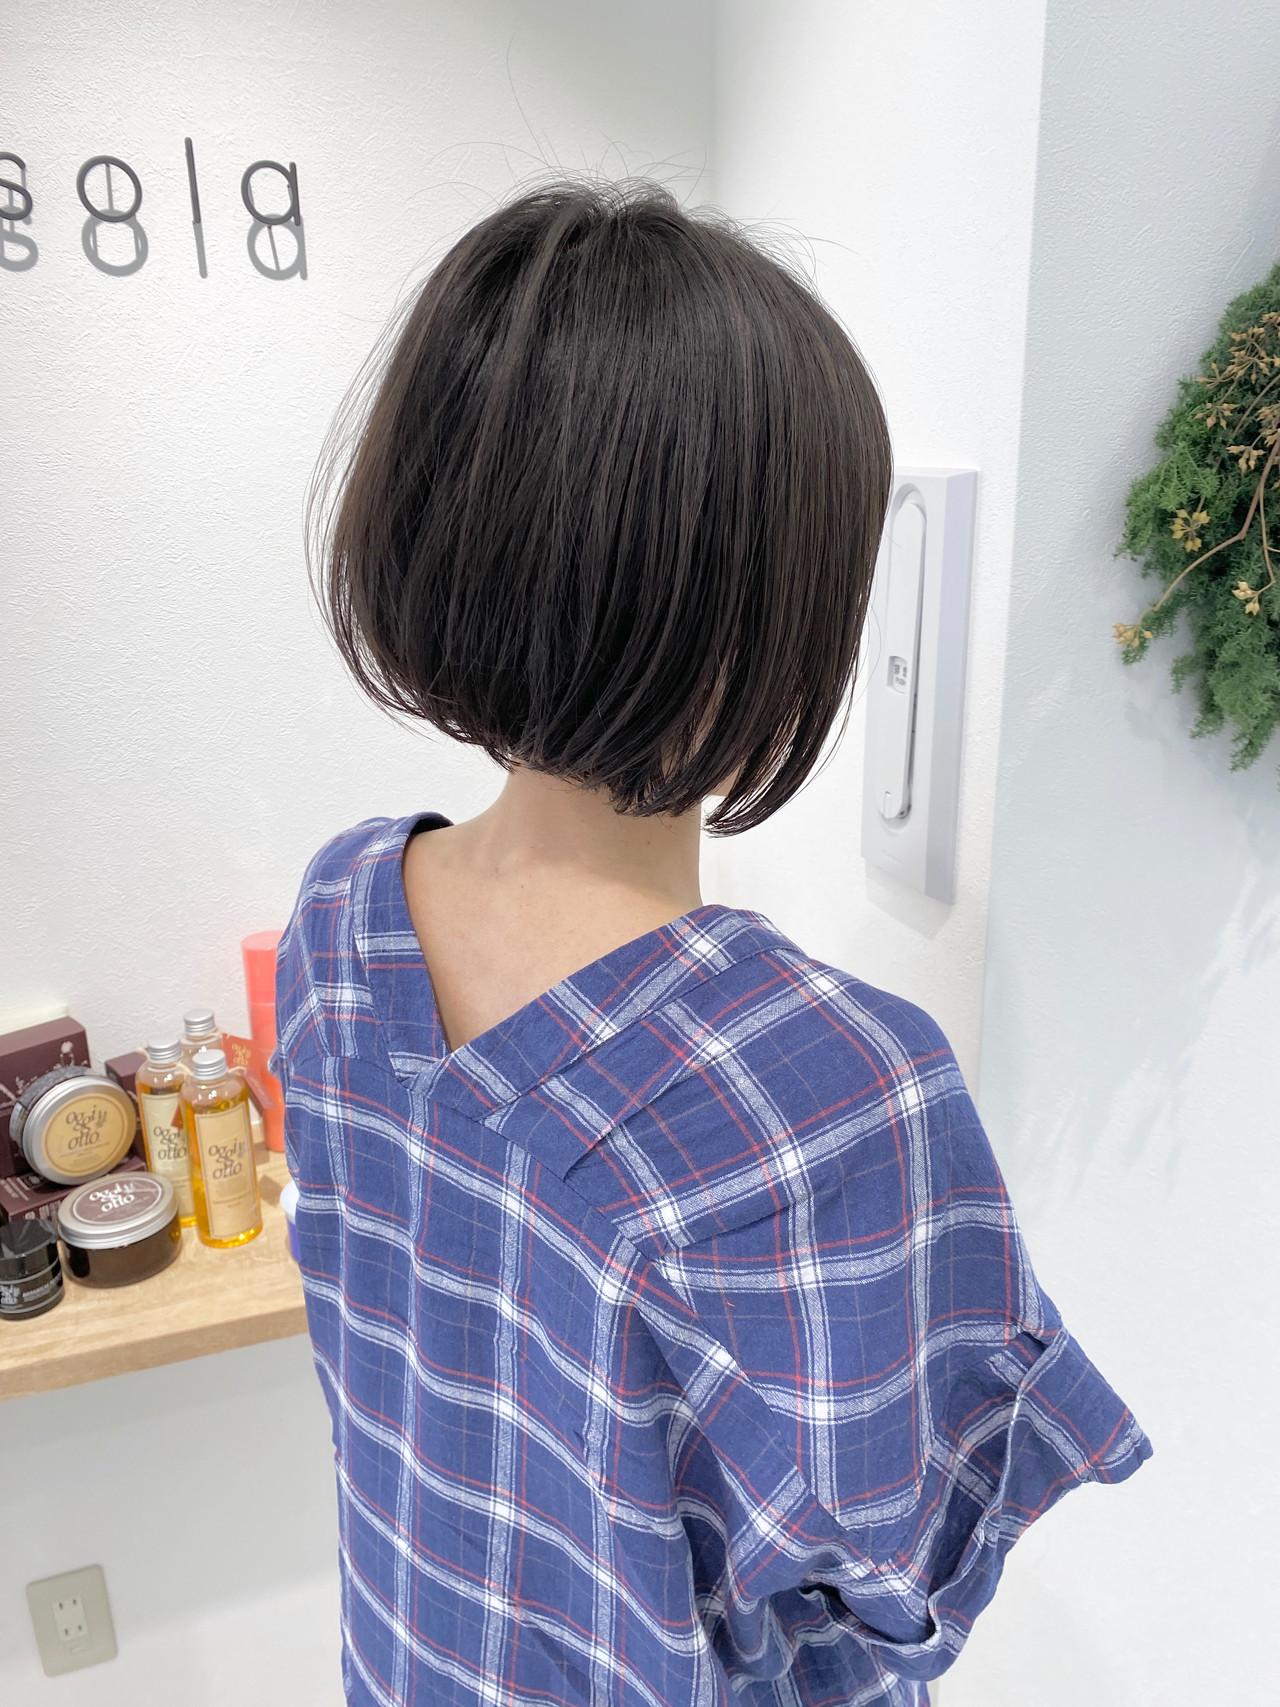 ワンカール ミニボブ 切りっぱなしボブ ナチュラル ヘアスタイルや髪型の写真・画像 | 金子ひろゆき / sola